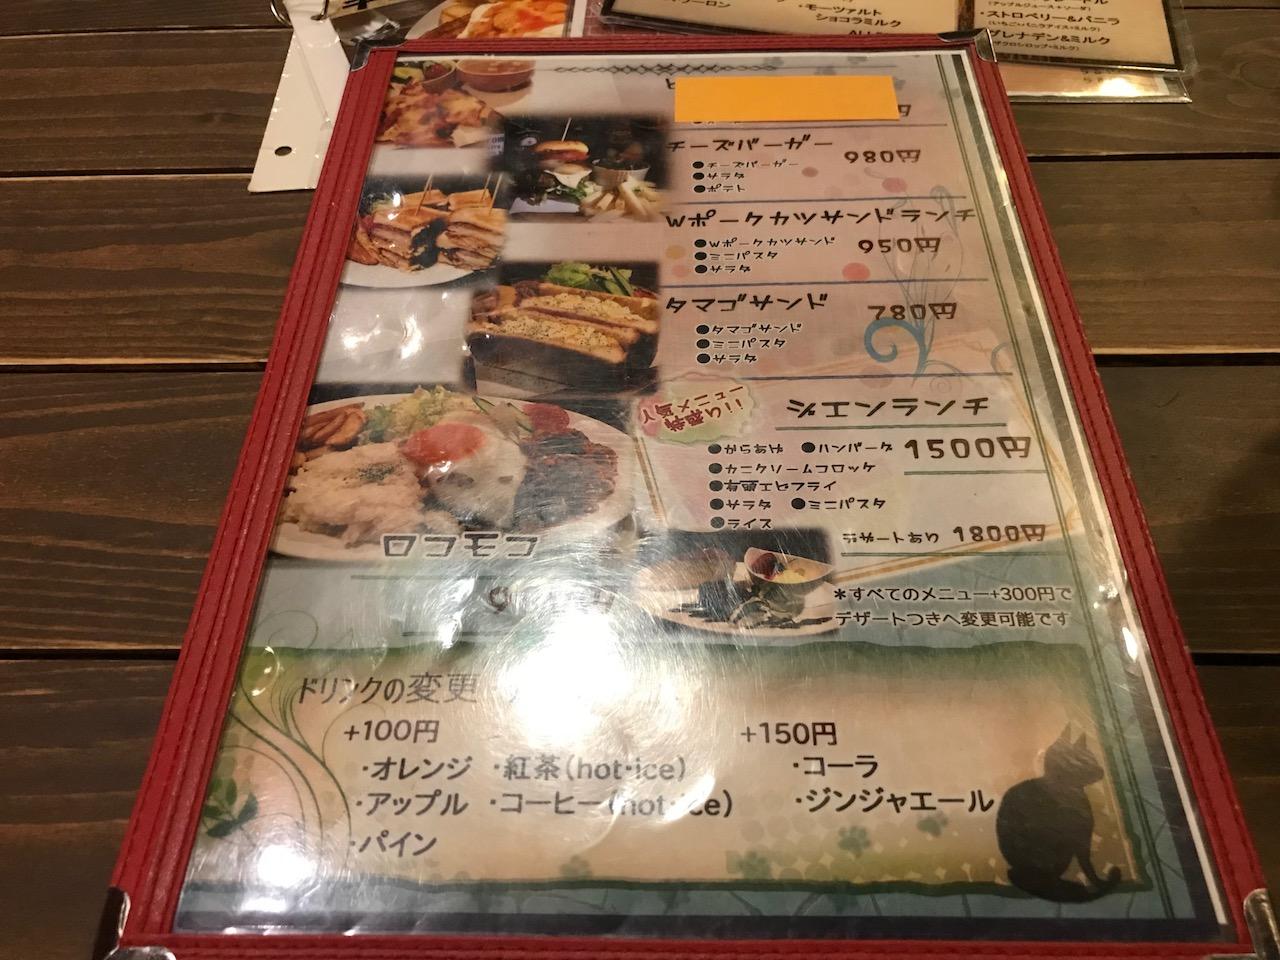 姫路駅前おみぞ筋のアイルキッチンは危険過ぎる!煮込みハンバーグランチ食べてきた!